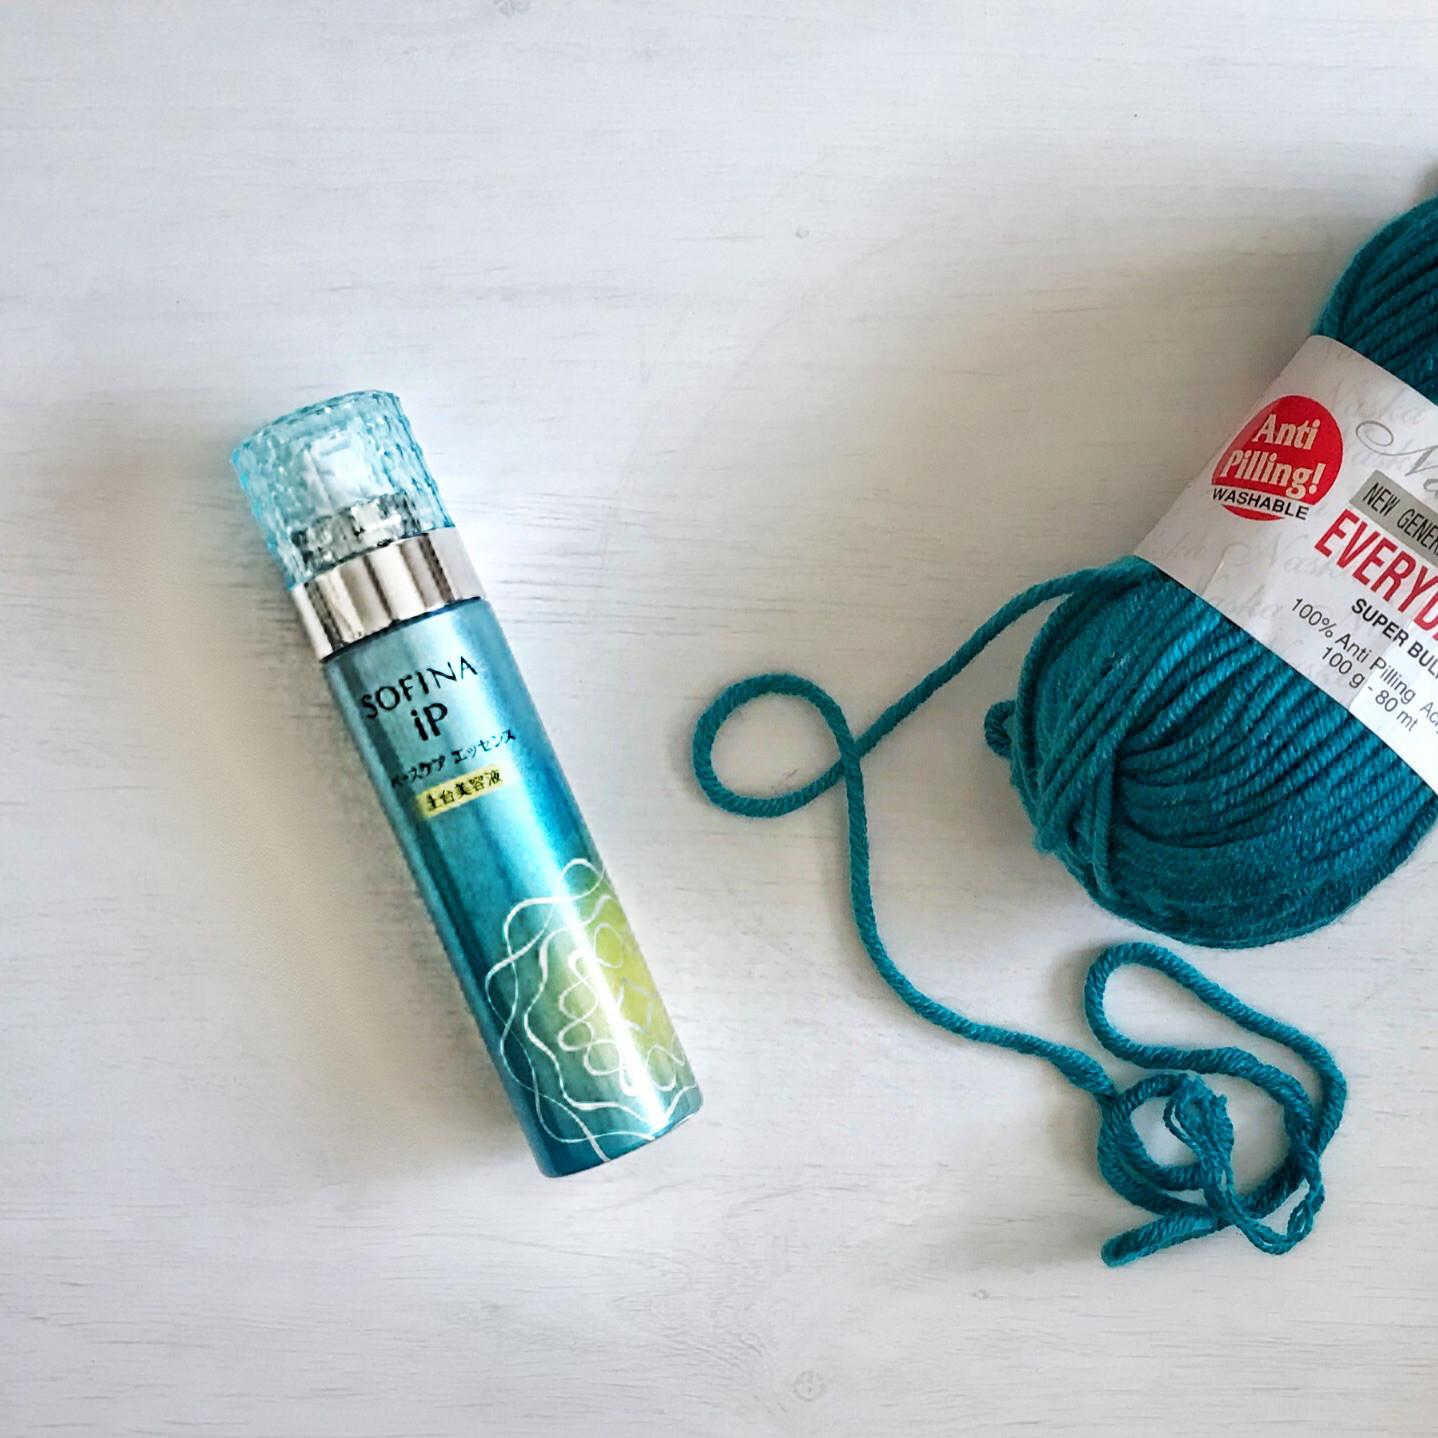 編み物で油分取られてカサカサな肌の季節に助っ人化粧品登場